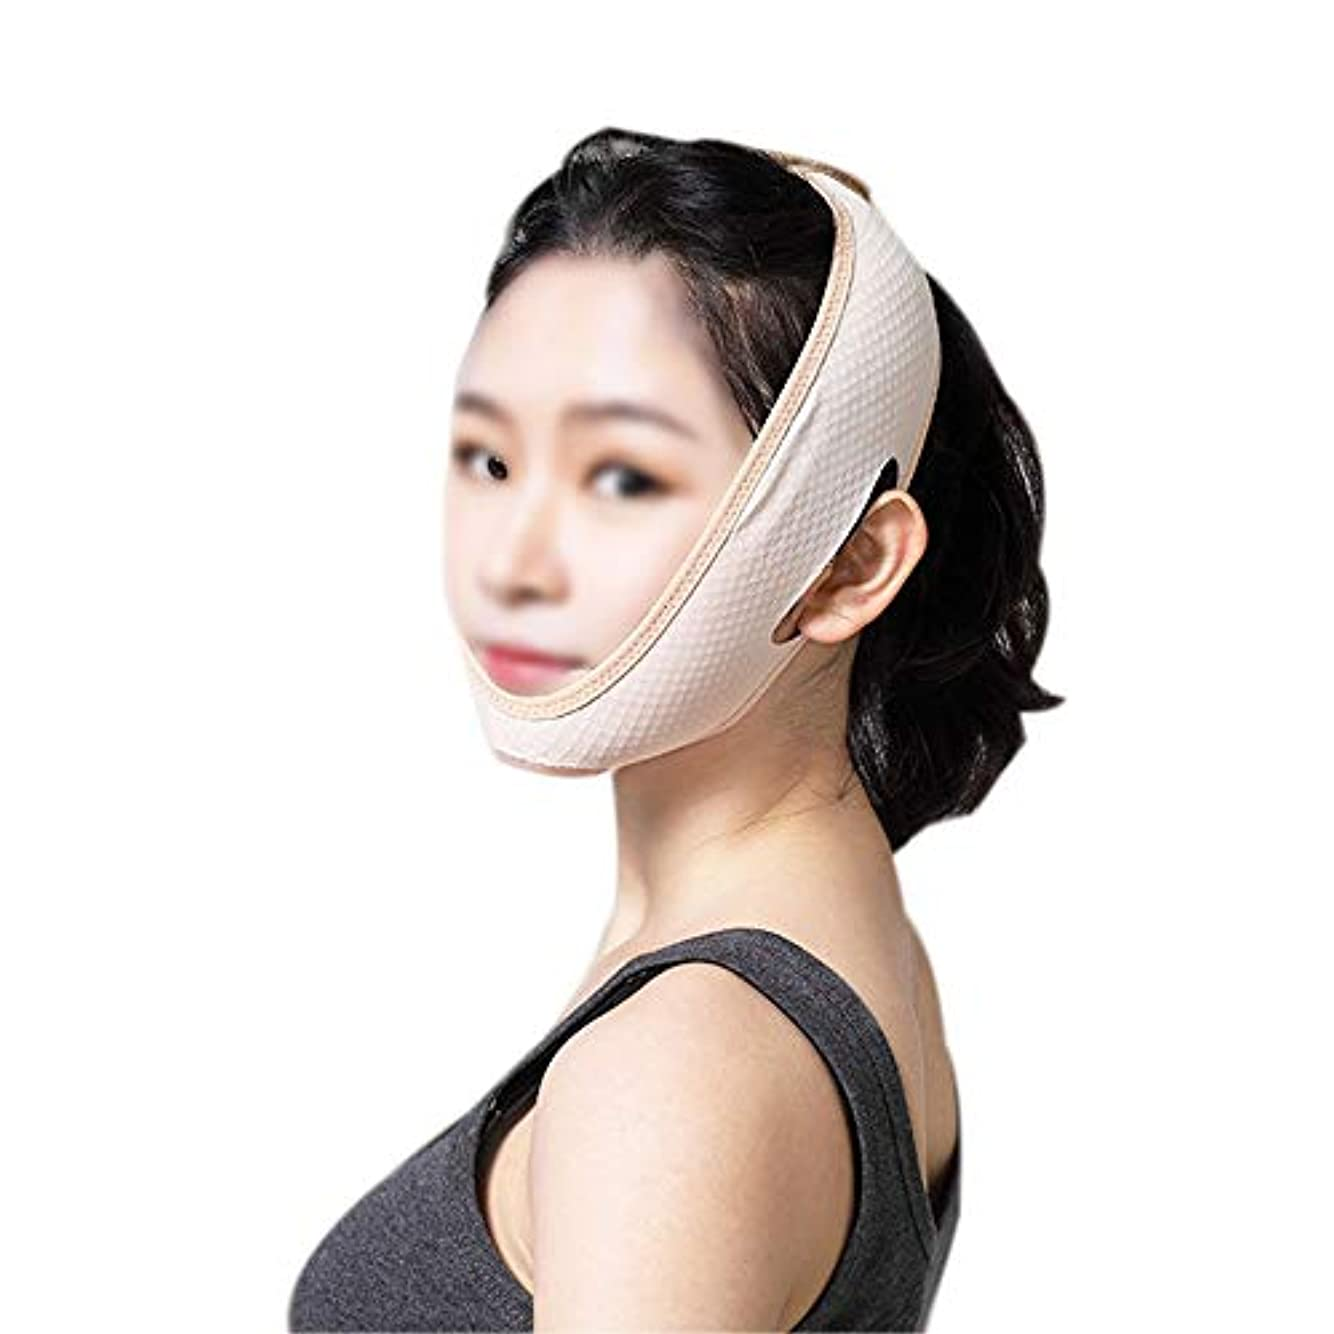 汚物ピルファー好みGLJJQMY フェイスリフティング包帯睡眠薄いフェイスマスクは肌を引き締め、二重あごのマスクを減らす 顔用整形マスク